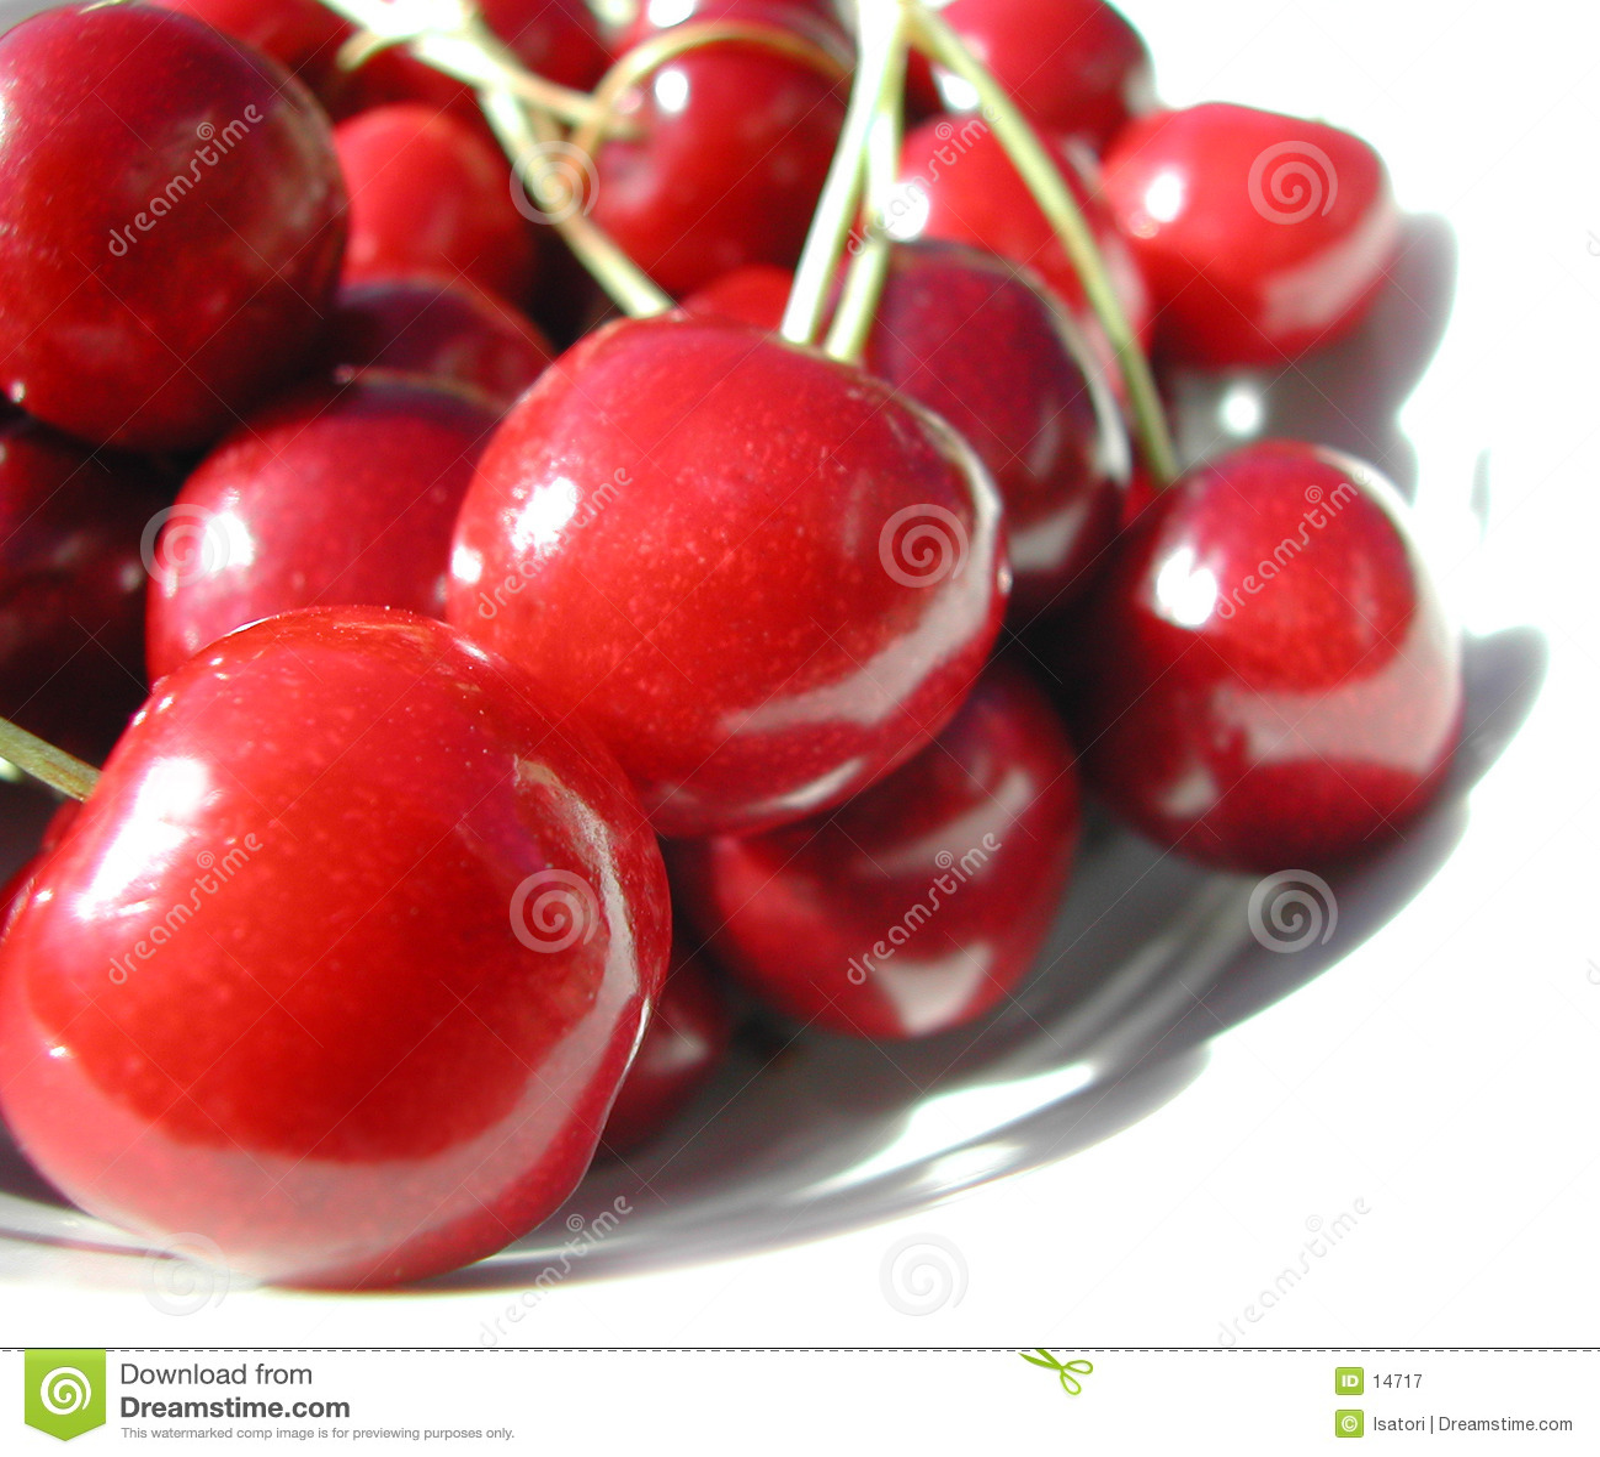 Cerezas rojas en una placa